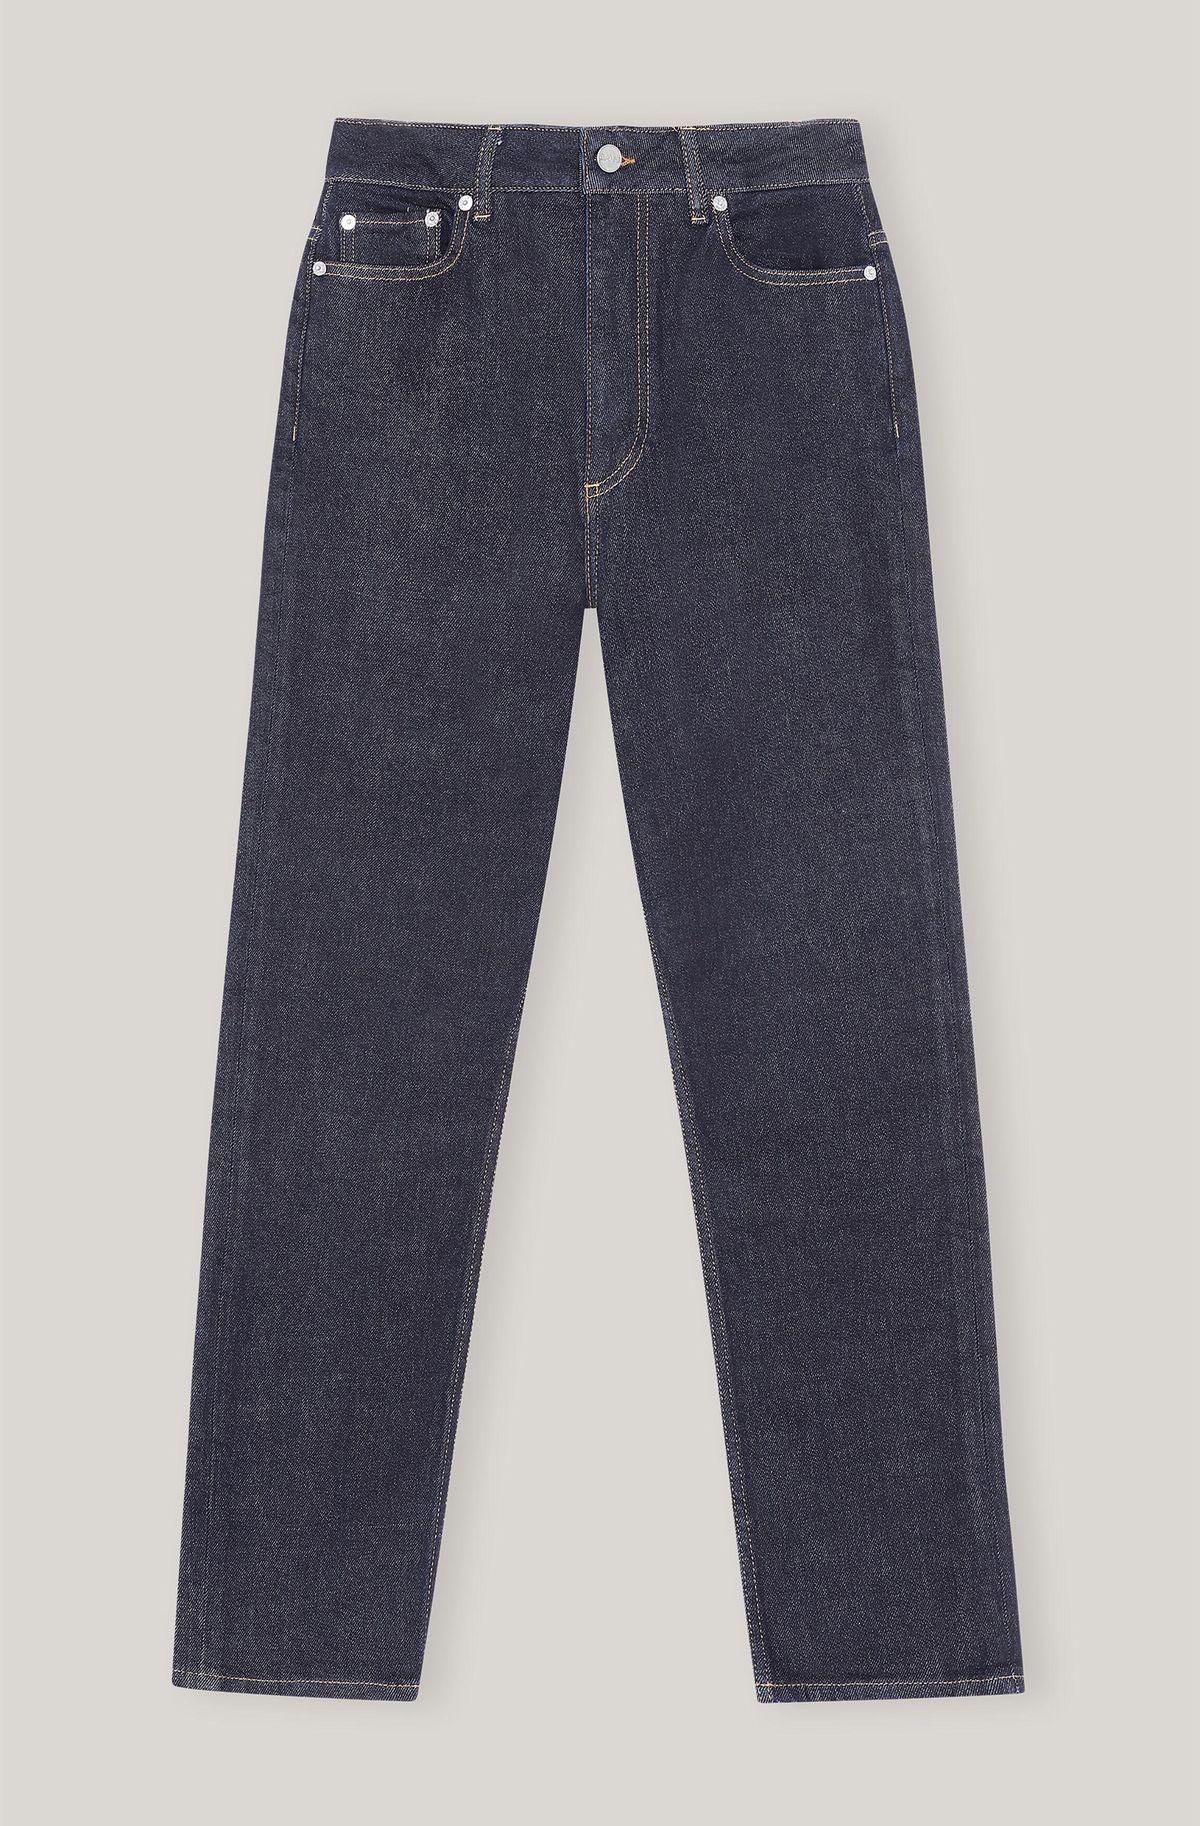 Cutye Jeans